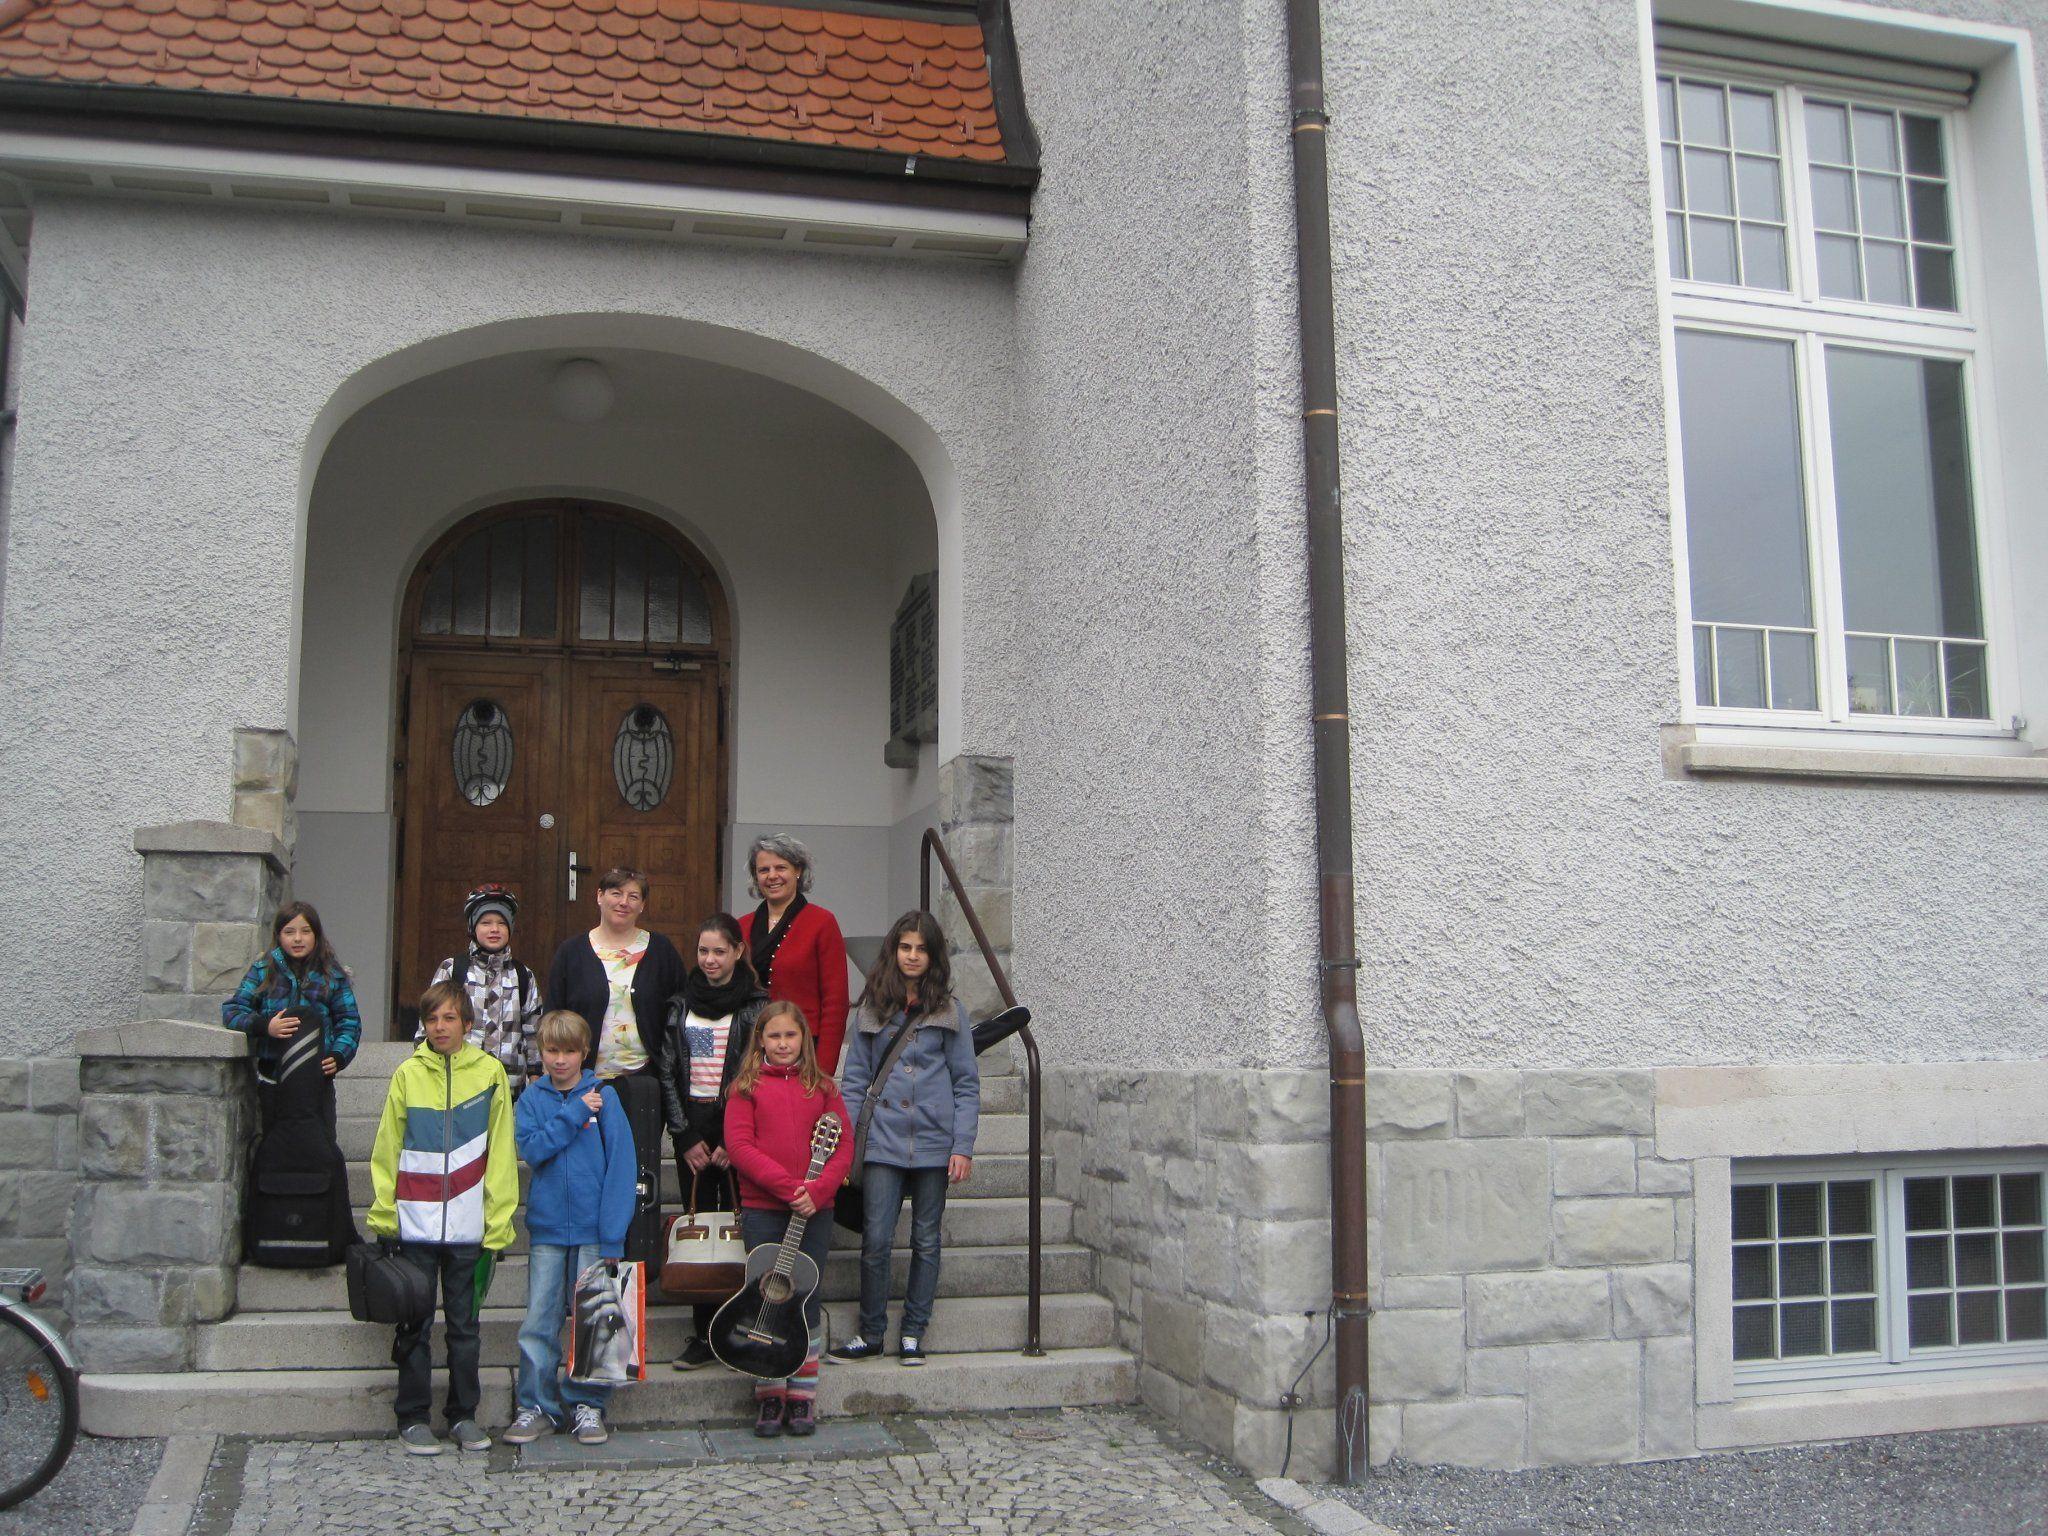 Direktorin, Lehrkörper und Schüler laden zum Tag der offenen Tür ein